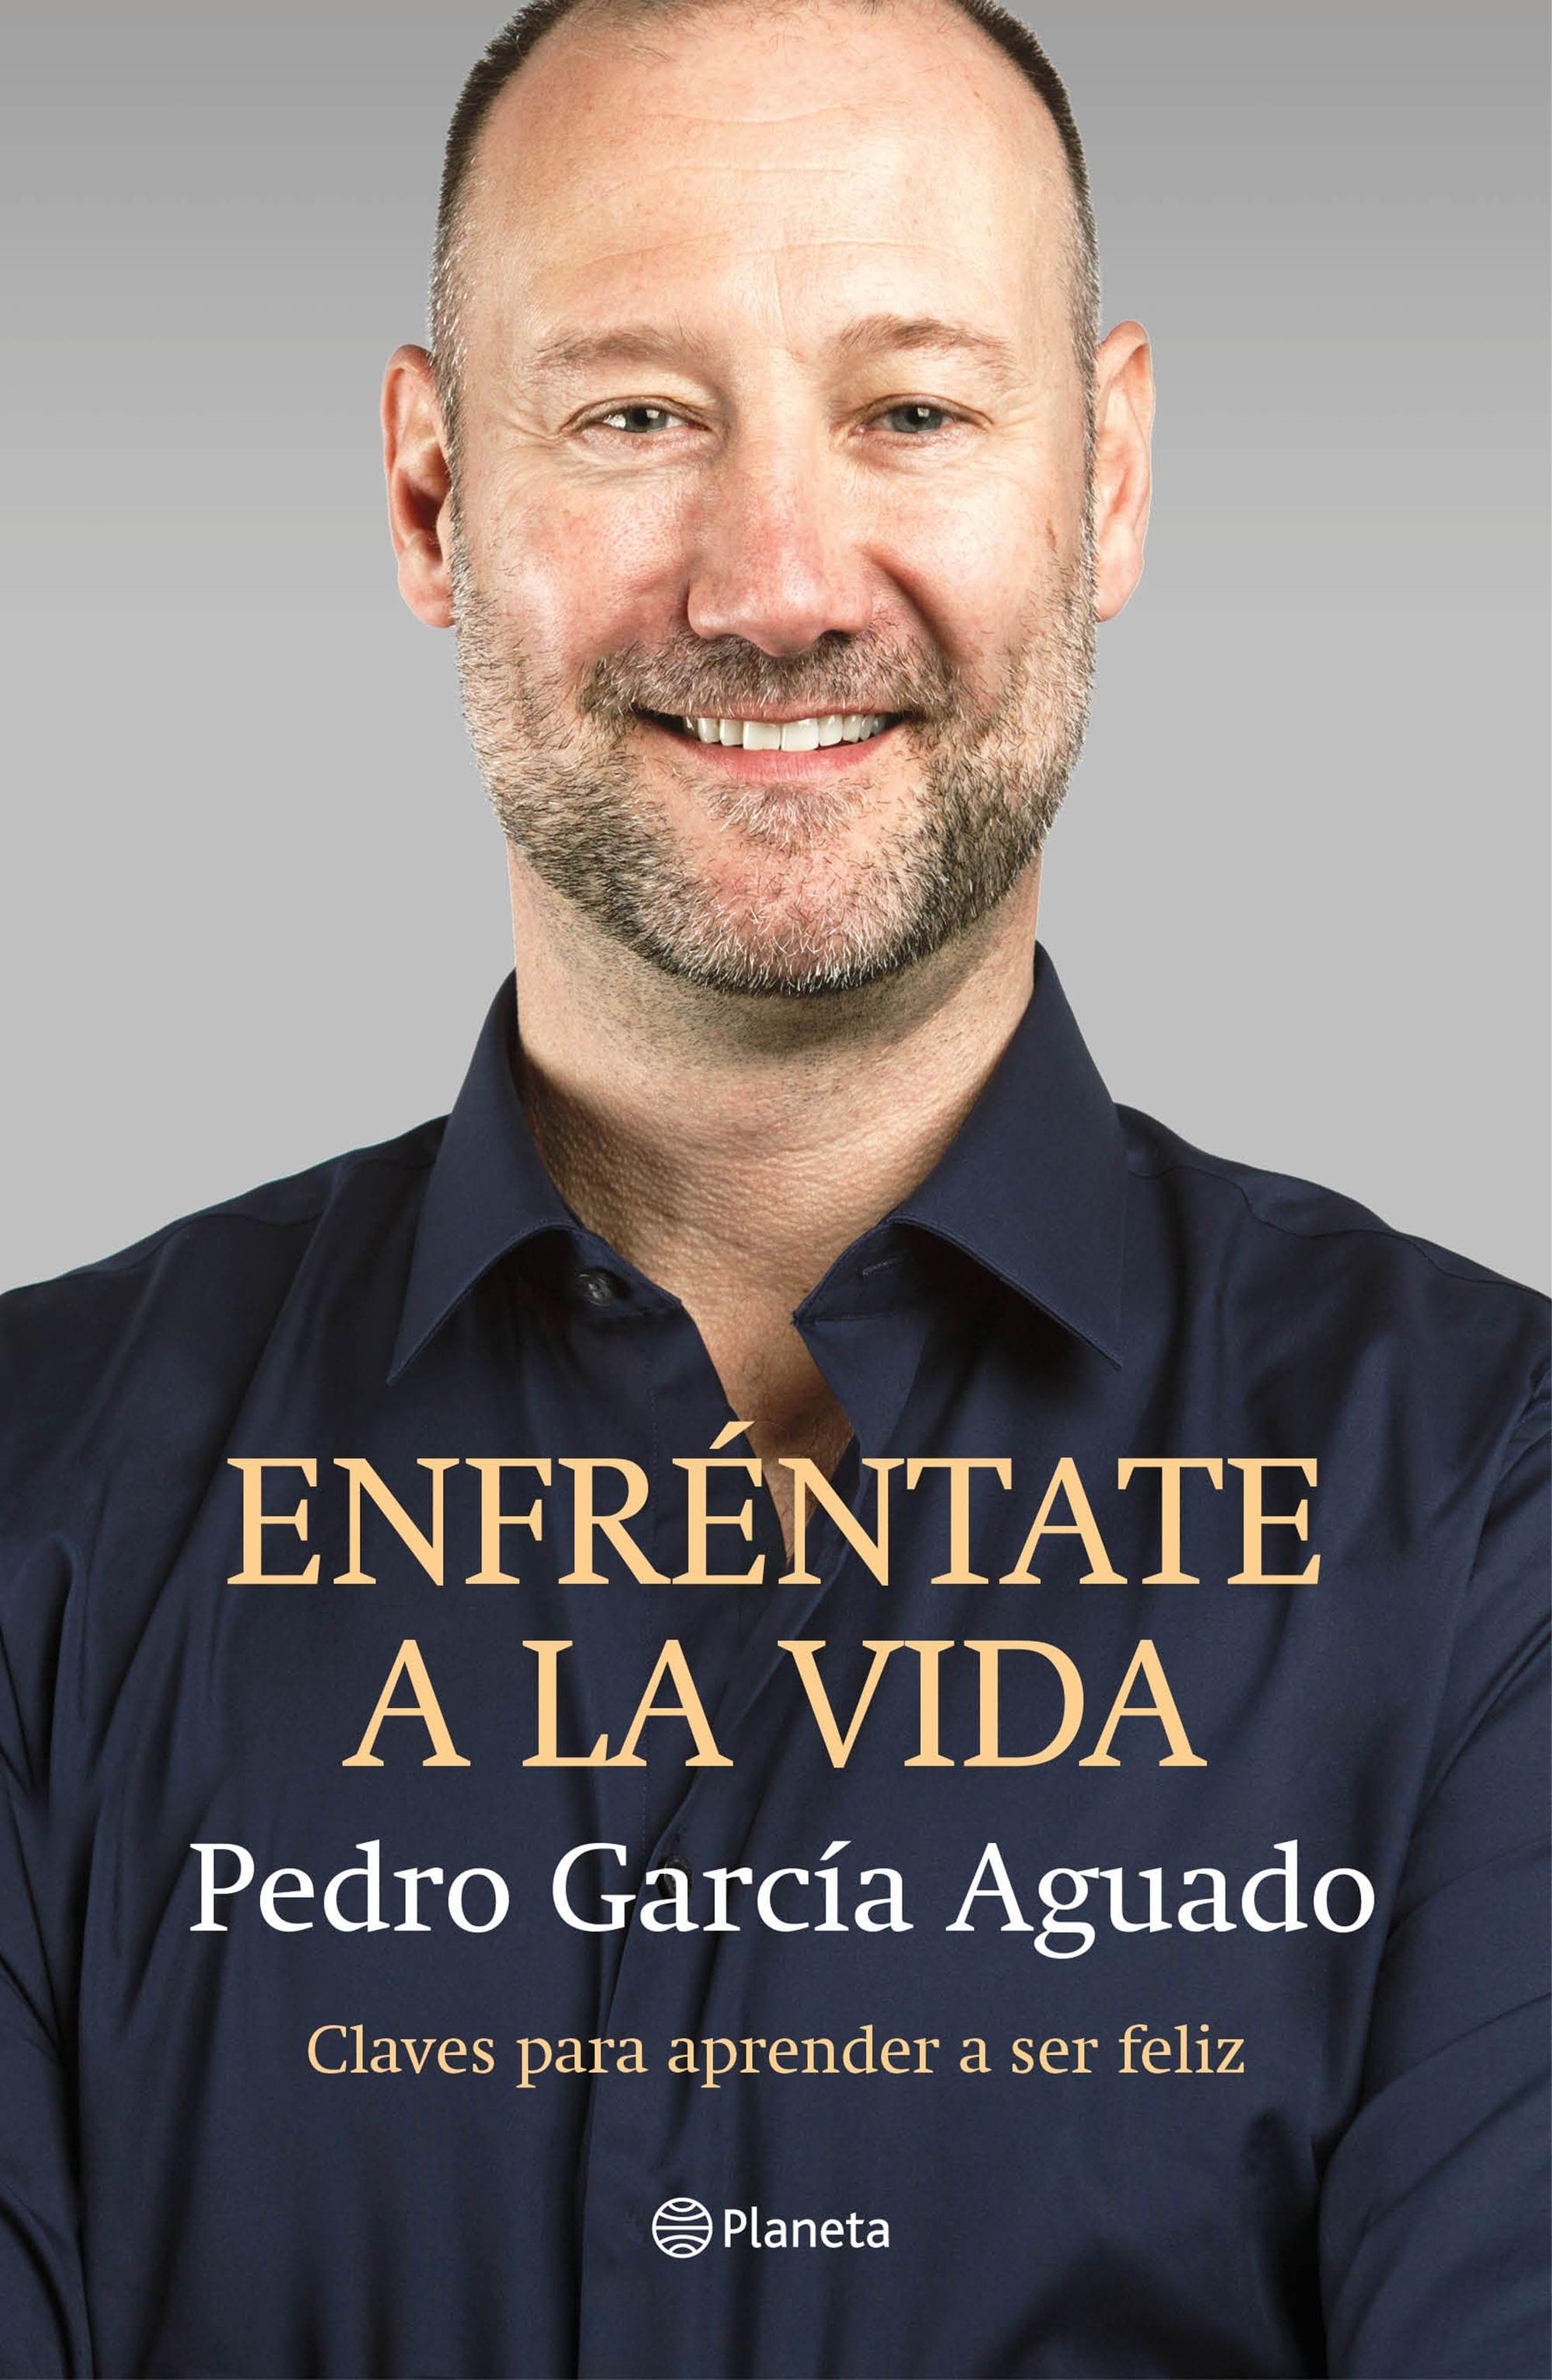 Enfréntate a la vida, de Pedro García Aguado - Reseña